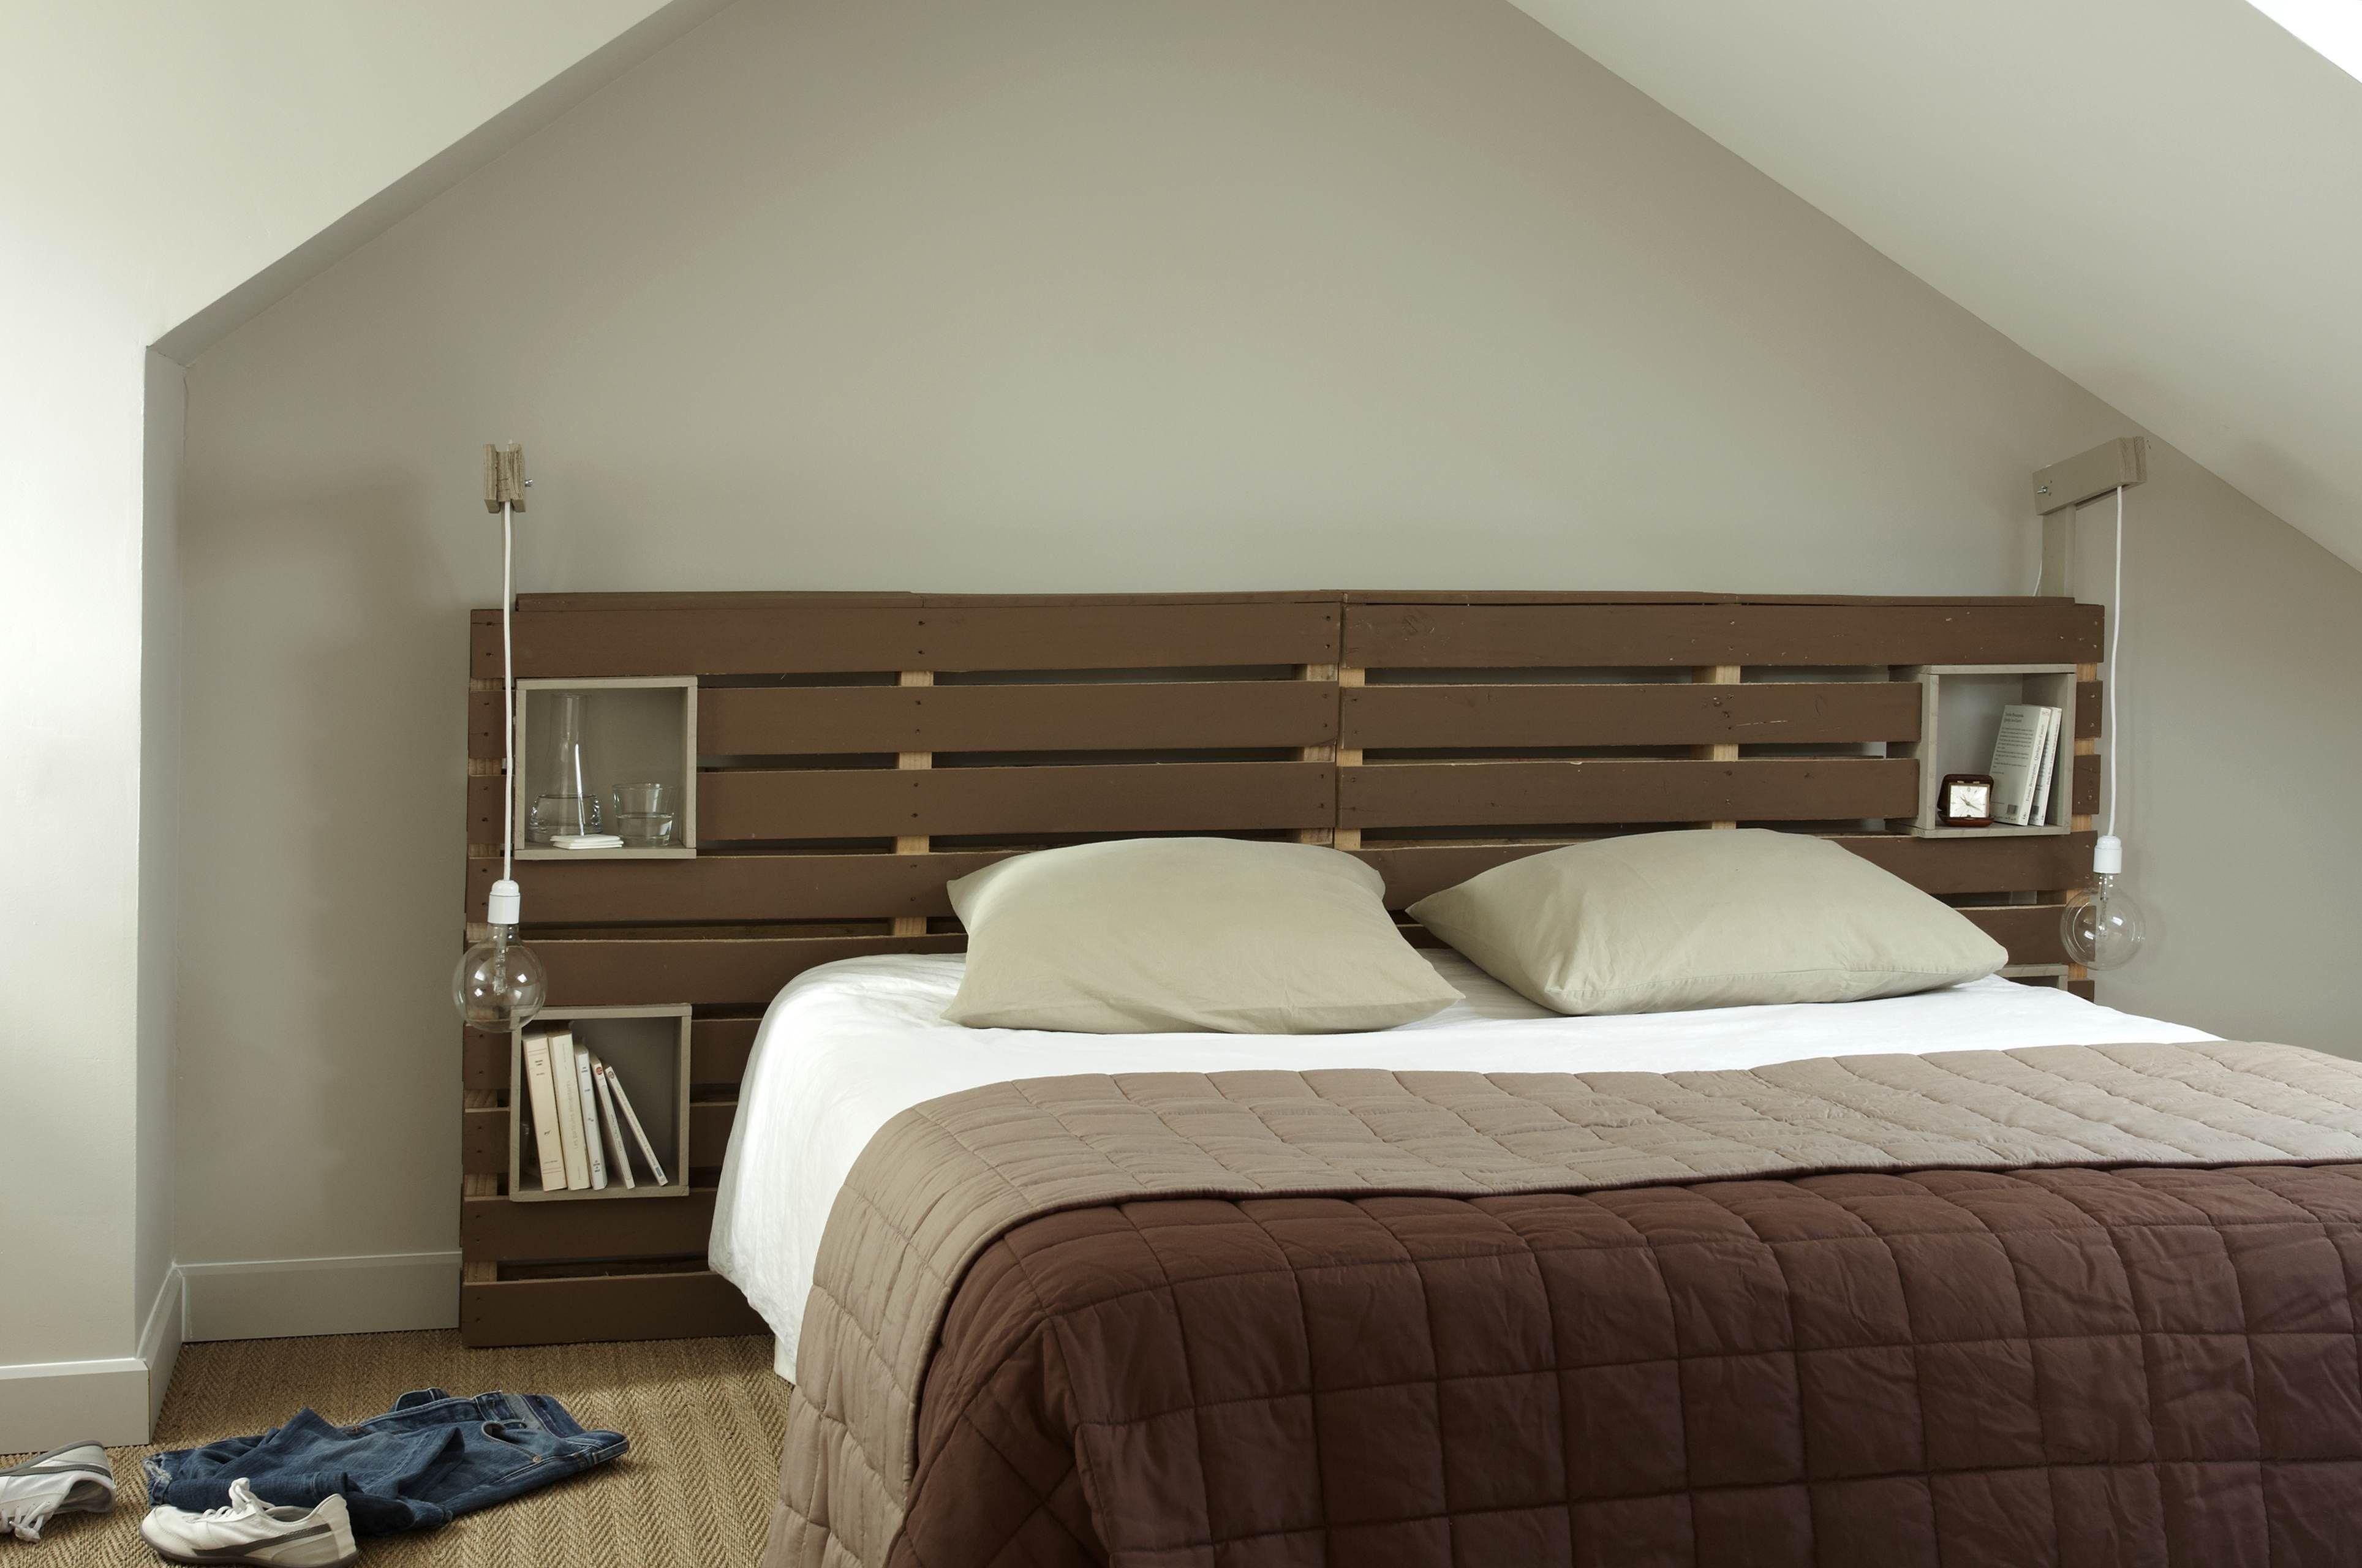 le décor de la chambre c'est la tête de lit la tête de lit est l